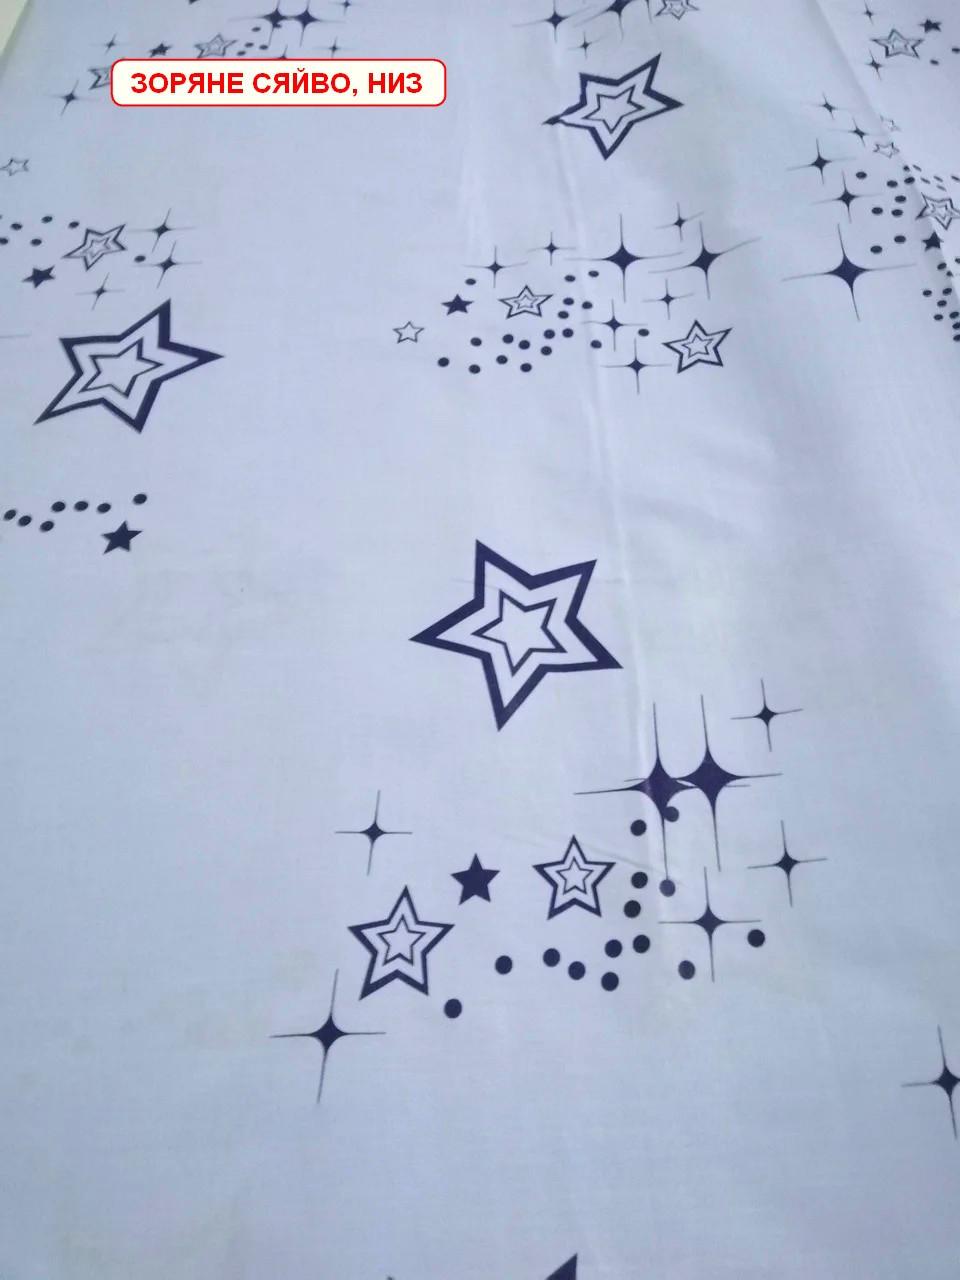 Європростирадлона резинці - Зоряне сяйво, низ